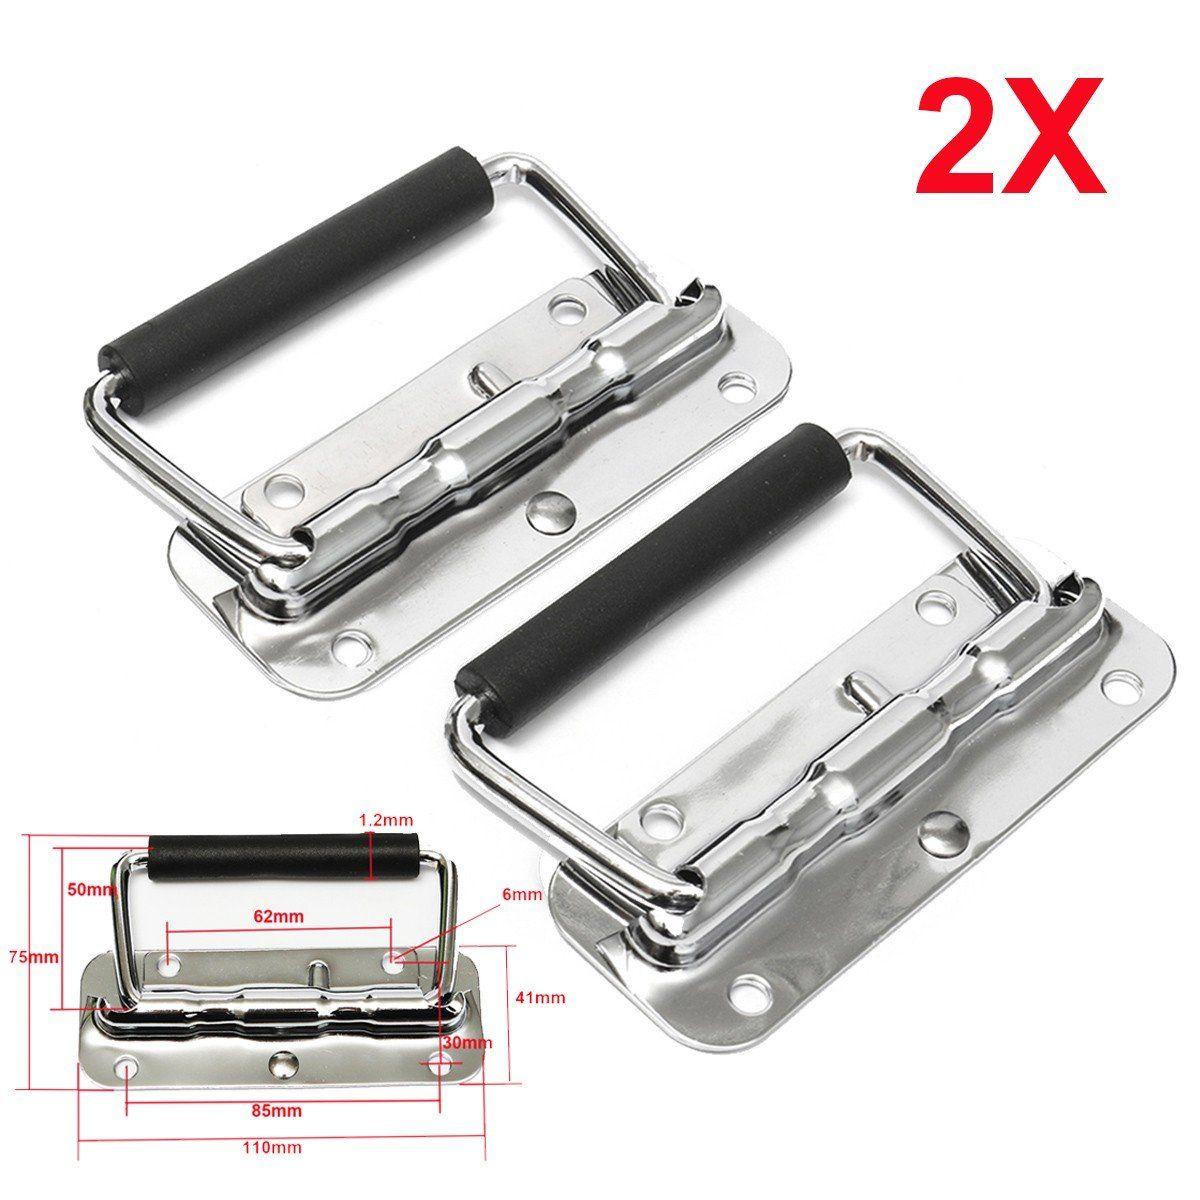 2Pcs 11cm x 7.5cm Metal Spring Loaded Toolbox Door Puller Chest Handle Grip  sc 1 st  Pinterest & 2Pcs 11cm x 7.5cm Metal Spring Loaded Toolbox Door Puller Chest ...